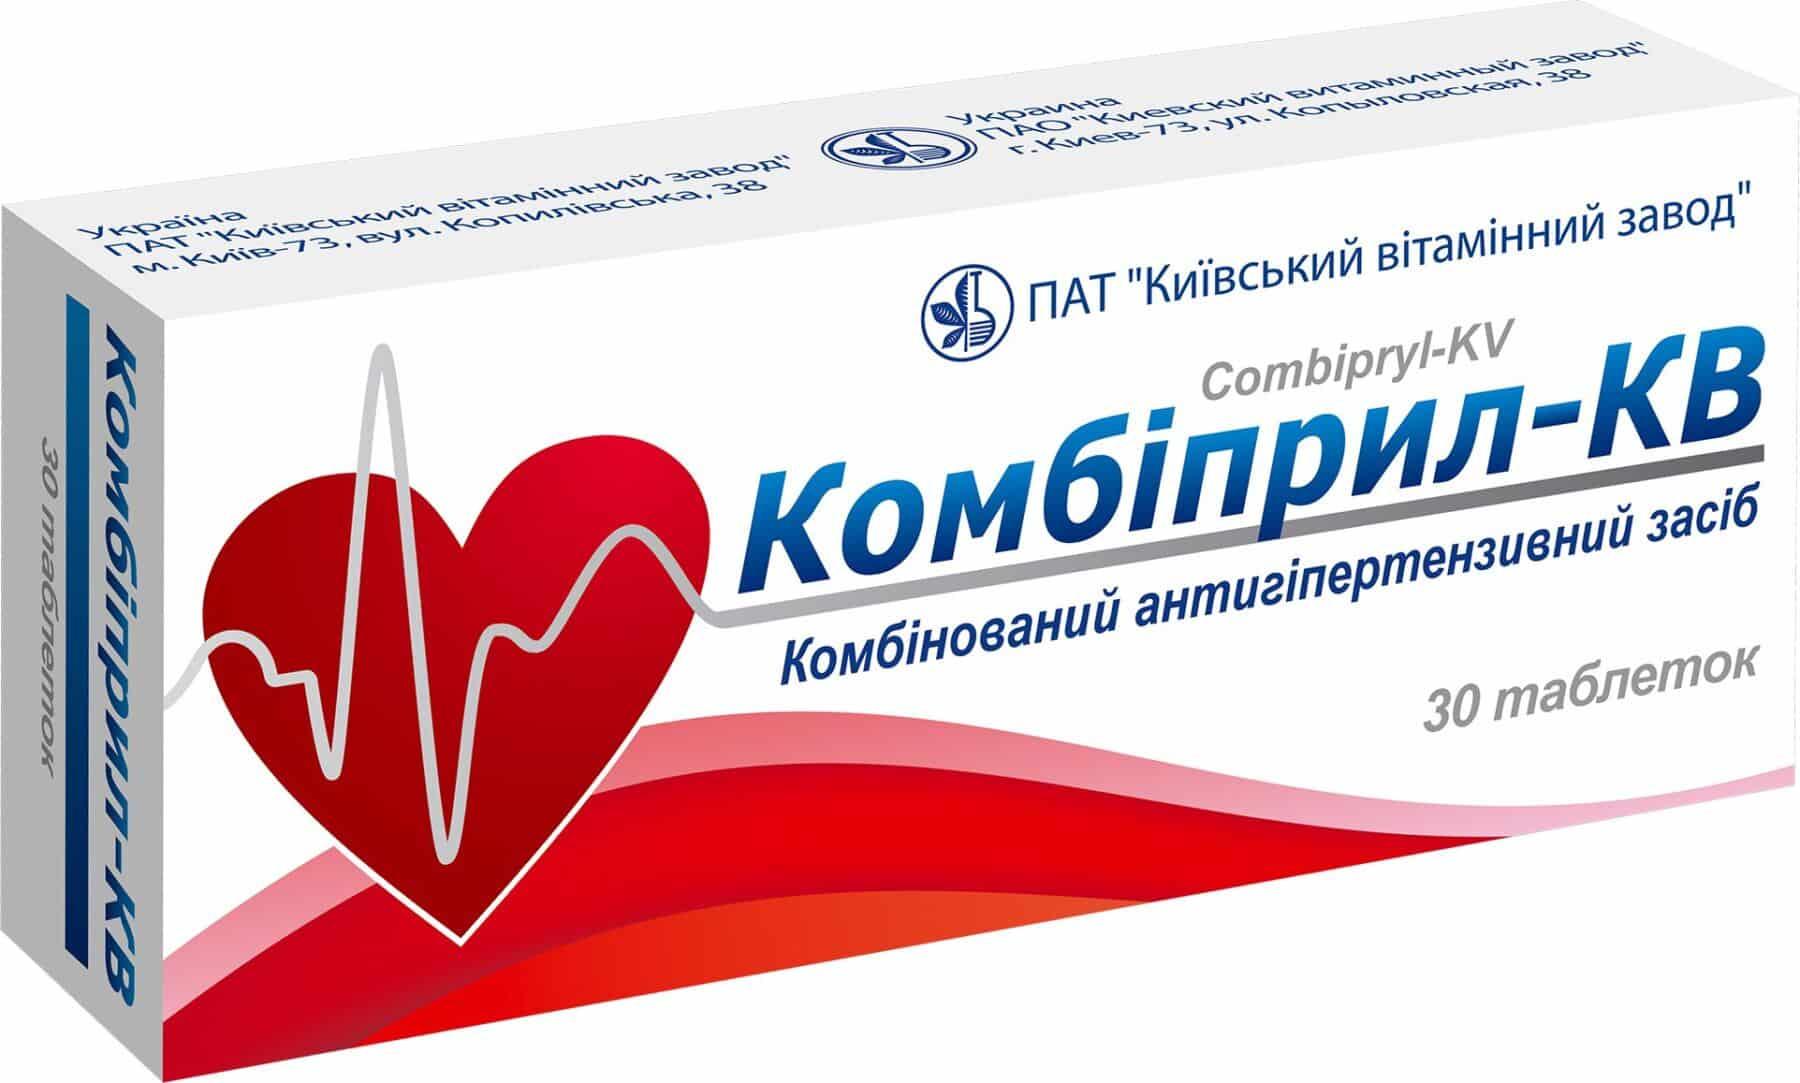 Combipril (amlodipine, lisinopril) tablets 5 mg/10 mg. №30